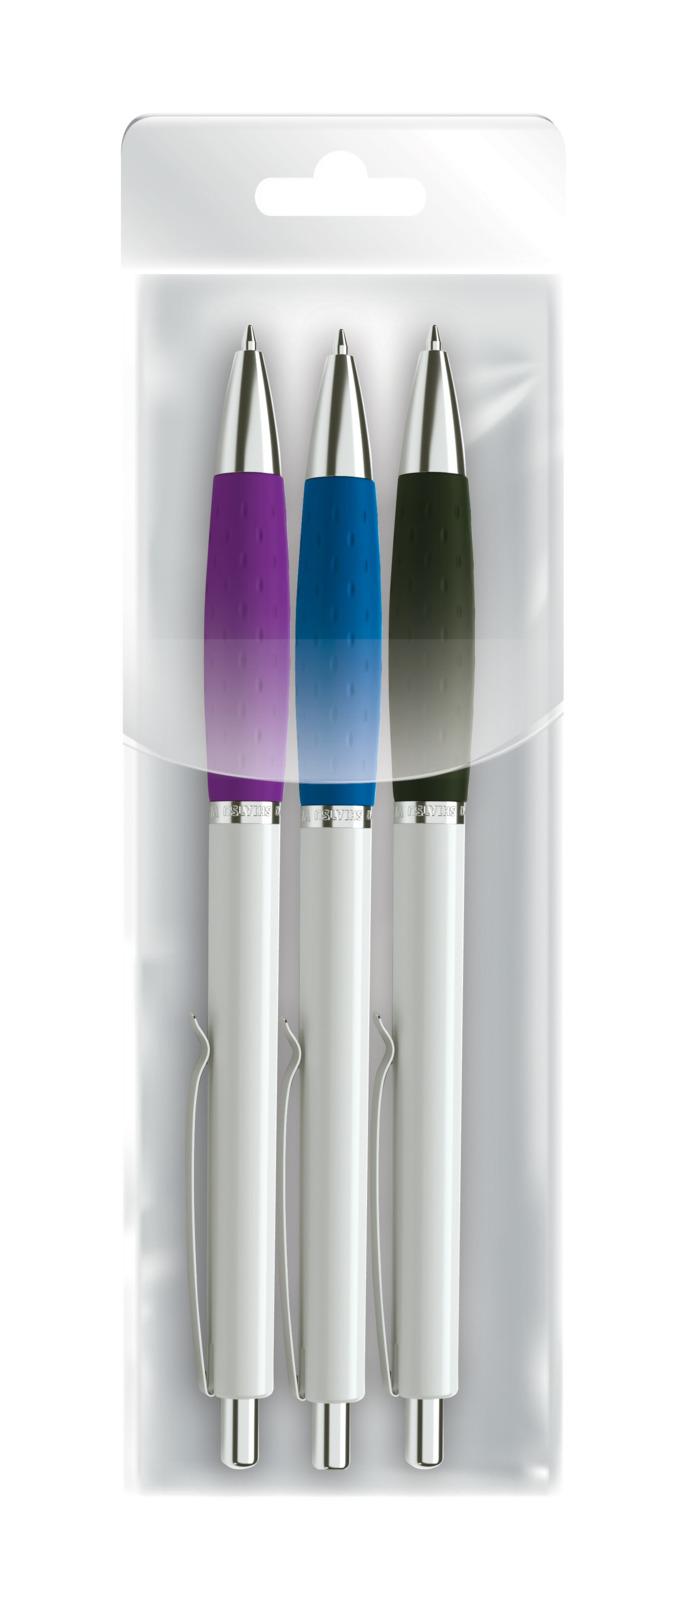 Фото - Набор шариковых ручек ScriNova Wang, 7503-3, цвет чернил синий, 3 шт набор шариковых ручек спираль цвет чернил синий 4 шт